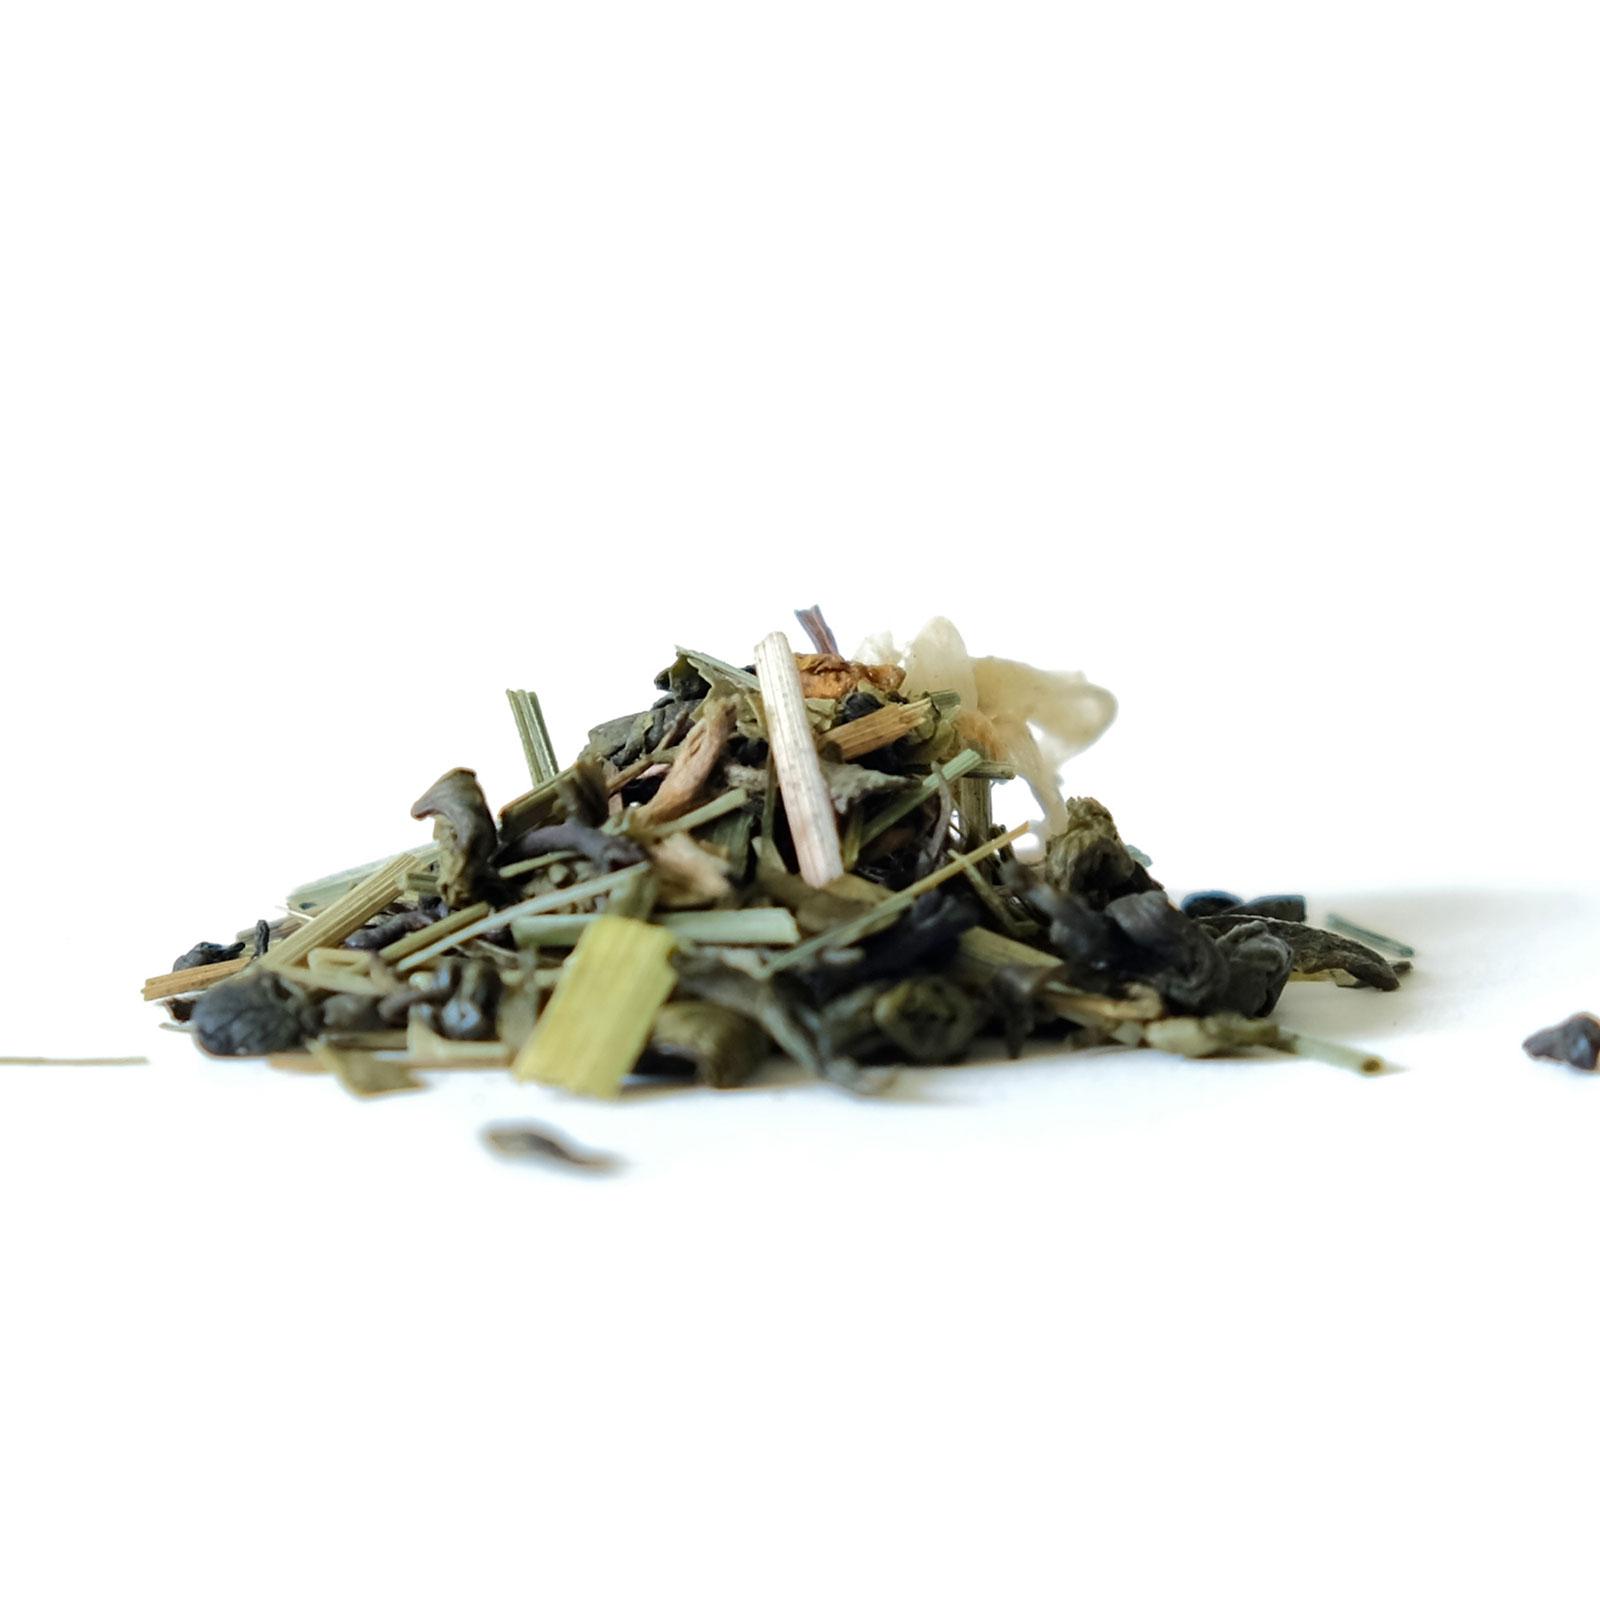 Association feuilles de thé verts et noirs